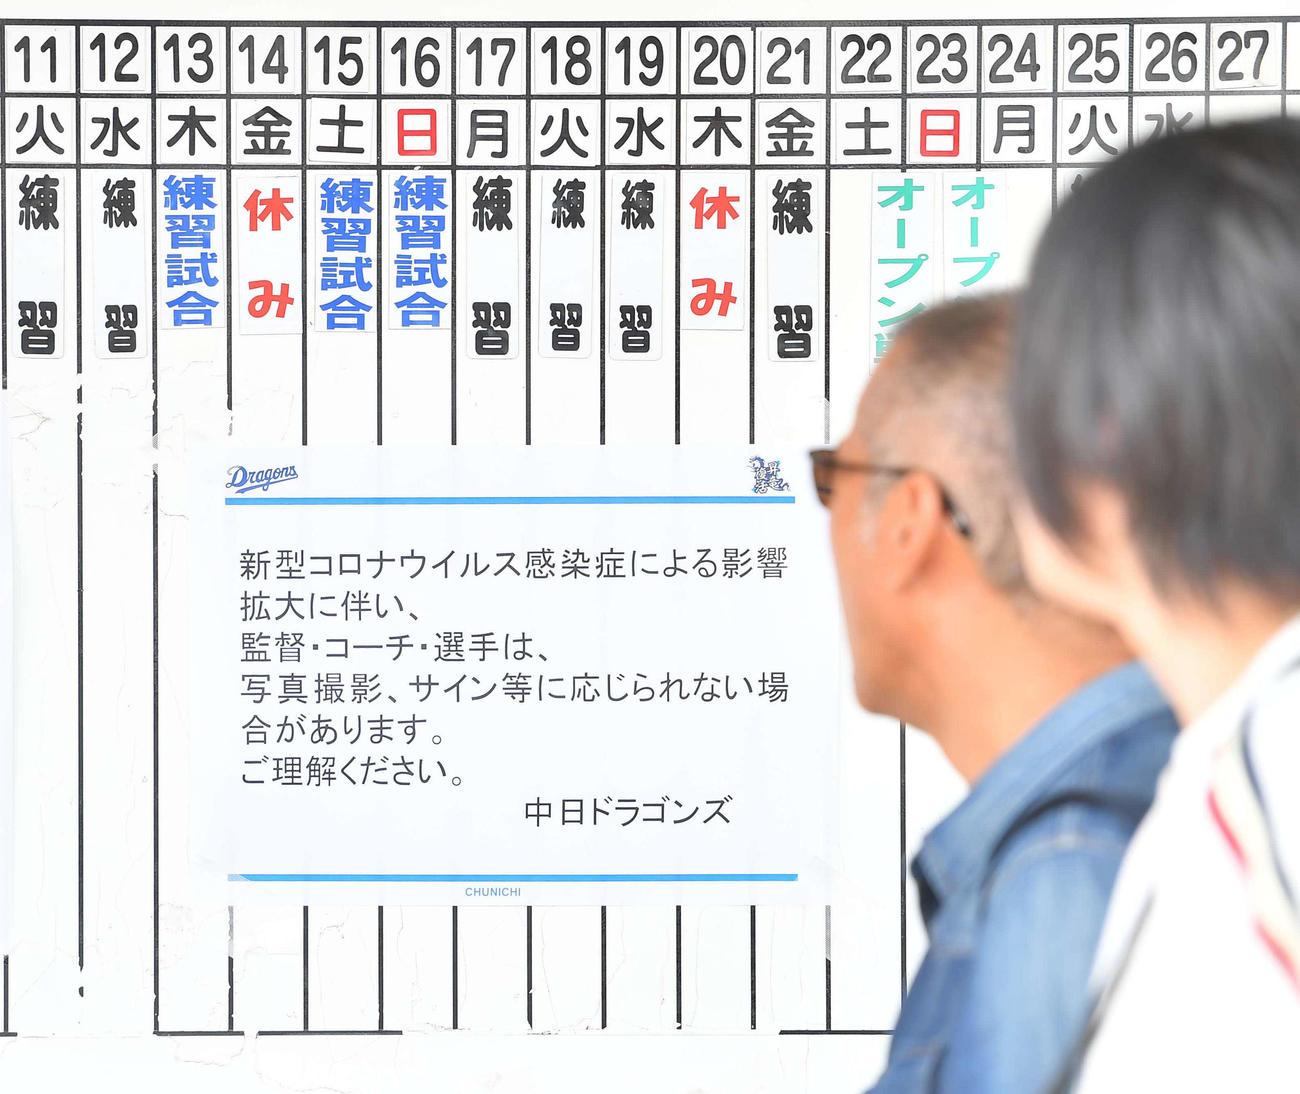 中日対ロッテ練習試合 コロナウイルスの影響で張り紙が出された中日キャンプ地(撮影・上田博志)